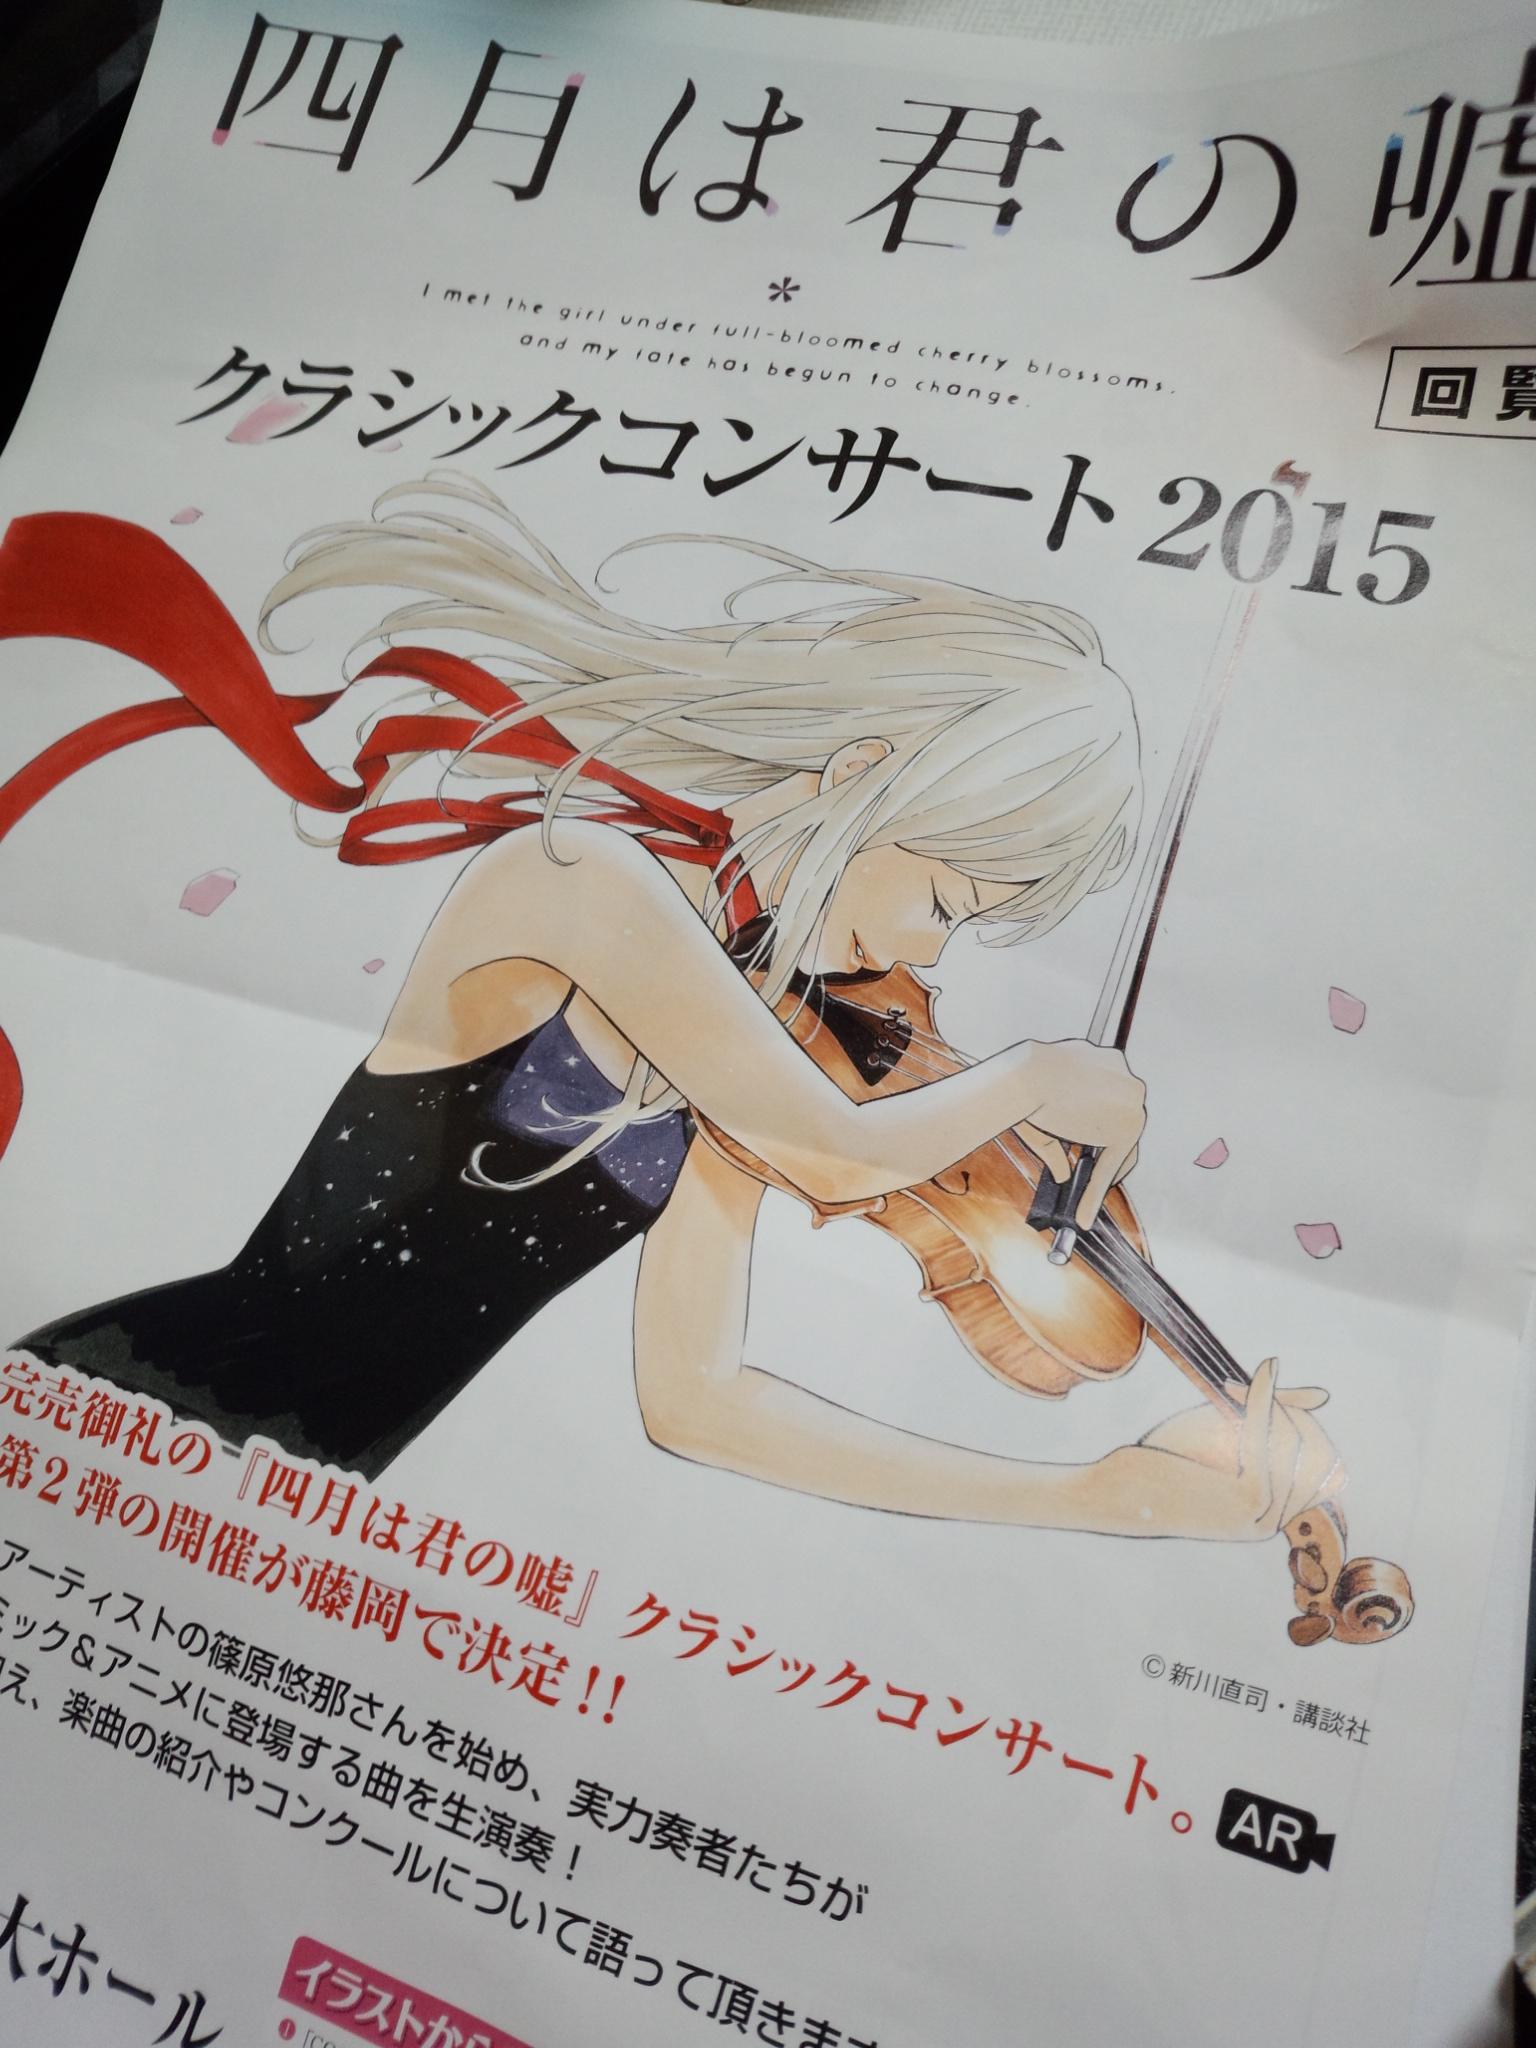 四月は君の嘘 クラシックコンサート2015